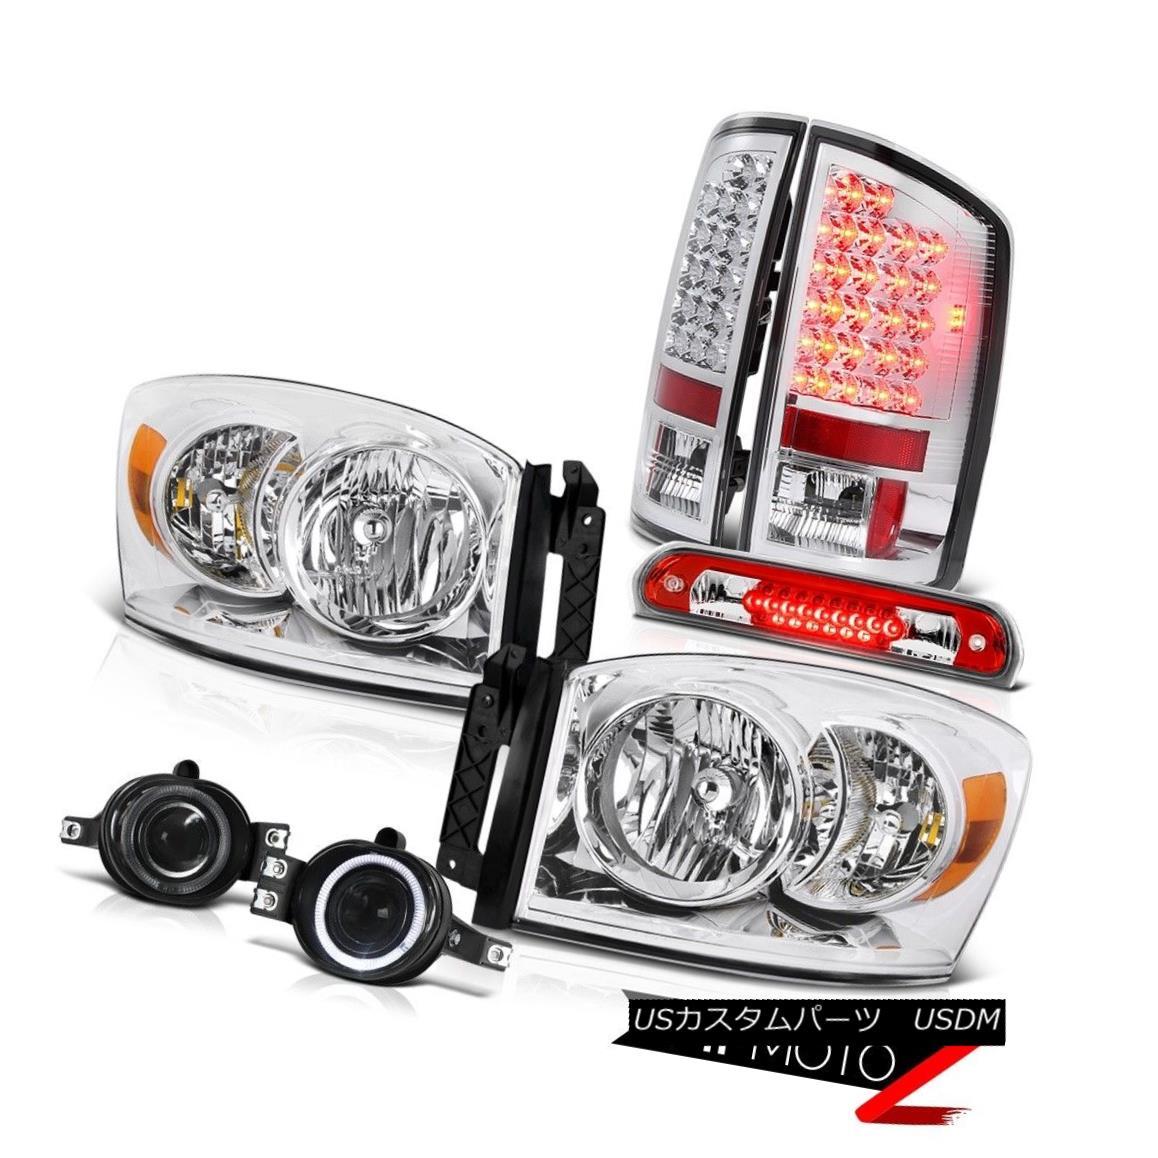 テールライト 2007-2008 Ram Magnum V8 L+R Headlamps Euro LED Tail Lights Fog Roof Brake Red 2007-2008ラムマグナムV8 L + RヘッドランプユーロLEDテールライトフォグルーフブレーキレッド